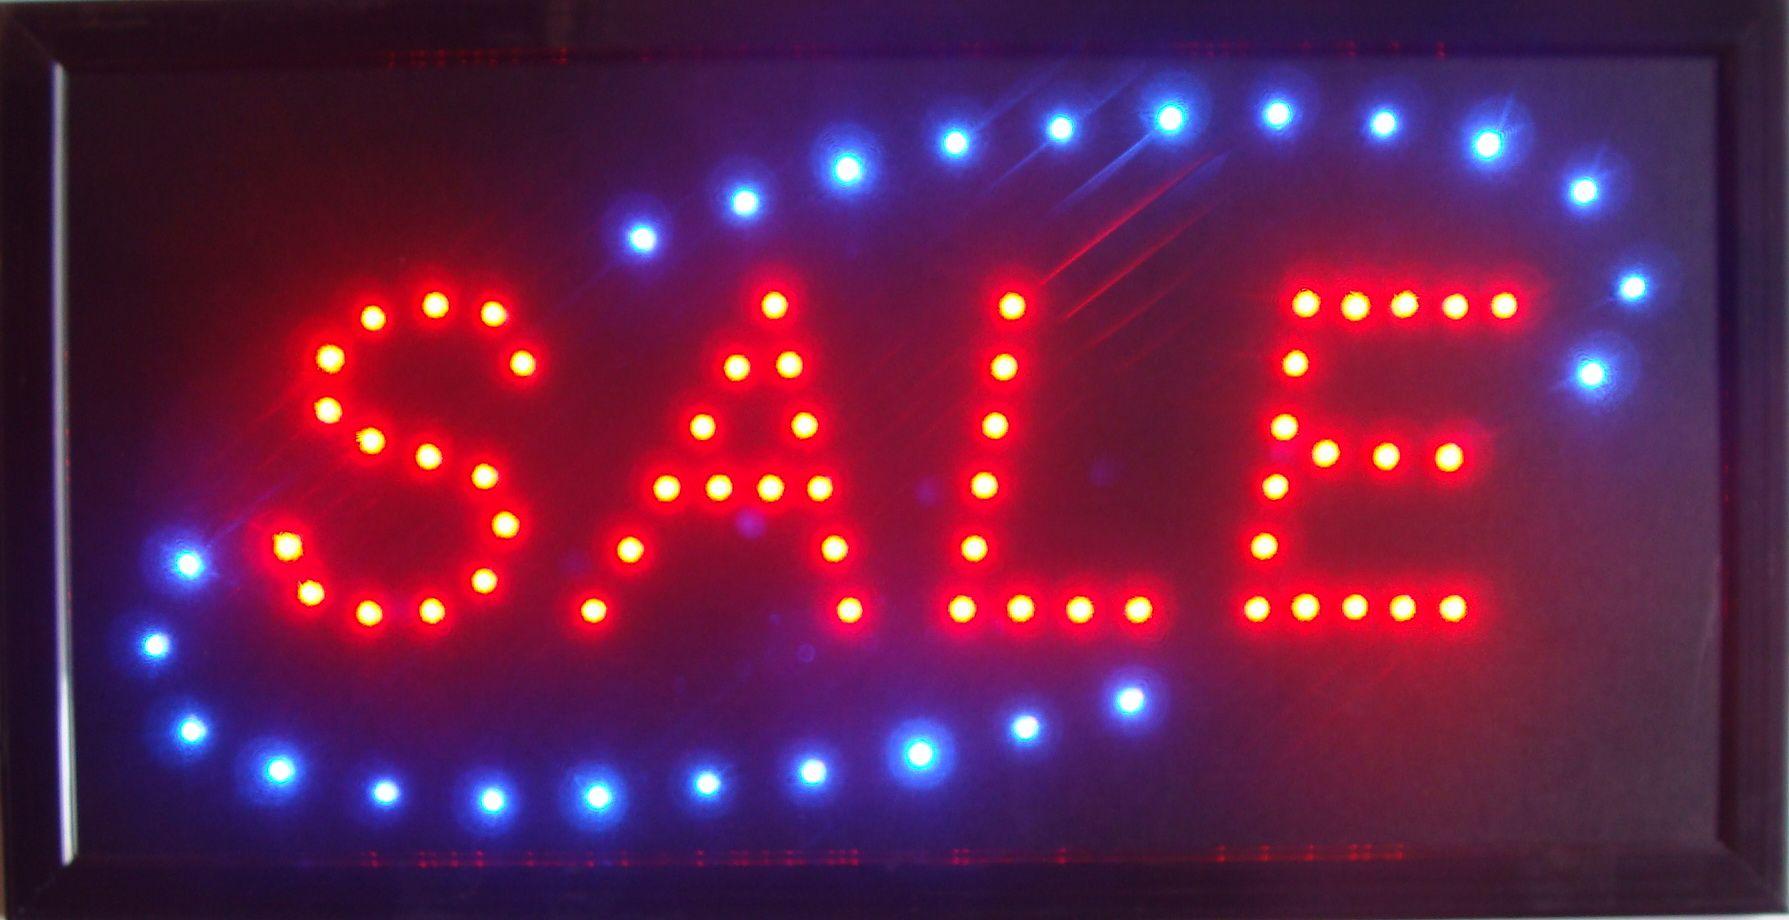 Горячие продажа пользовательские неоновые продажи магазин знак LED продажа знак Афиша полу-открытый размер 10 * 19 дюймов бесплатная доставка